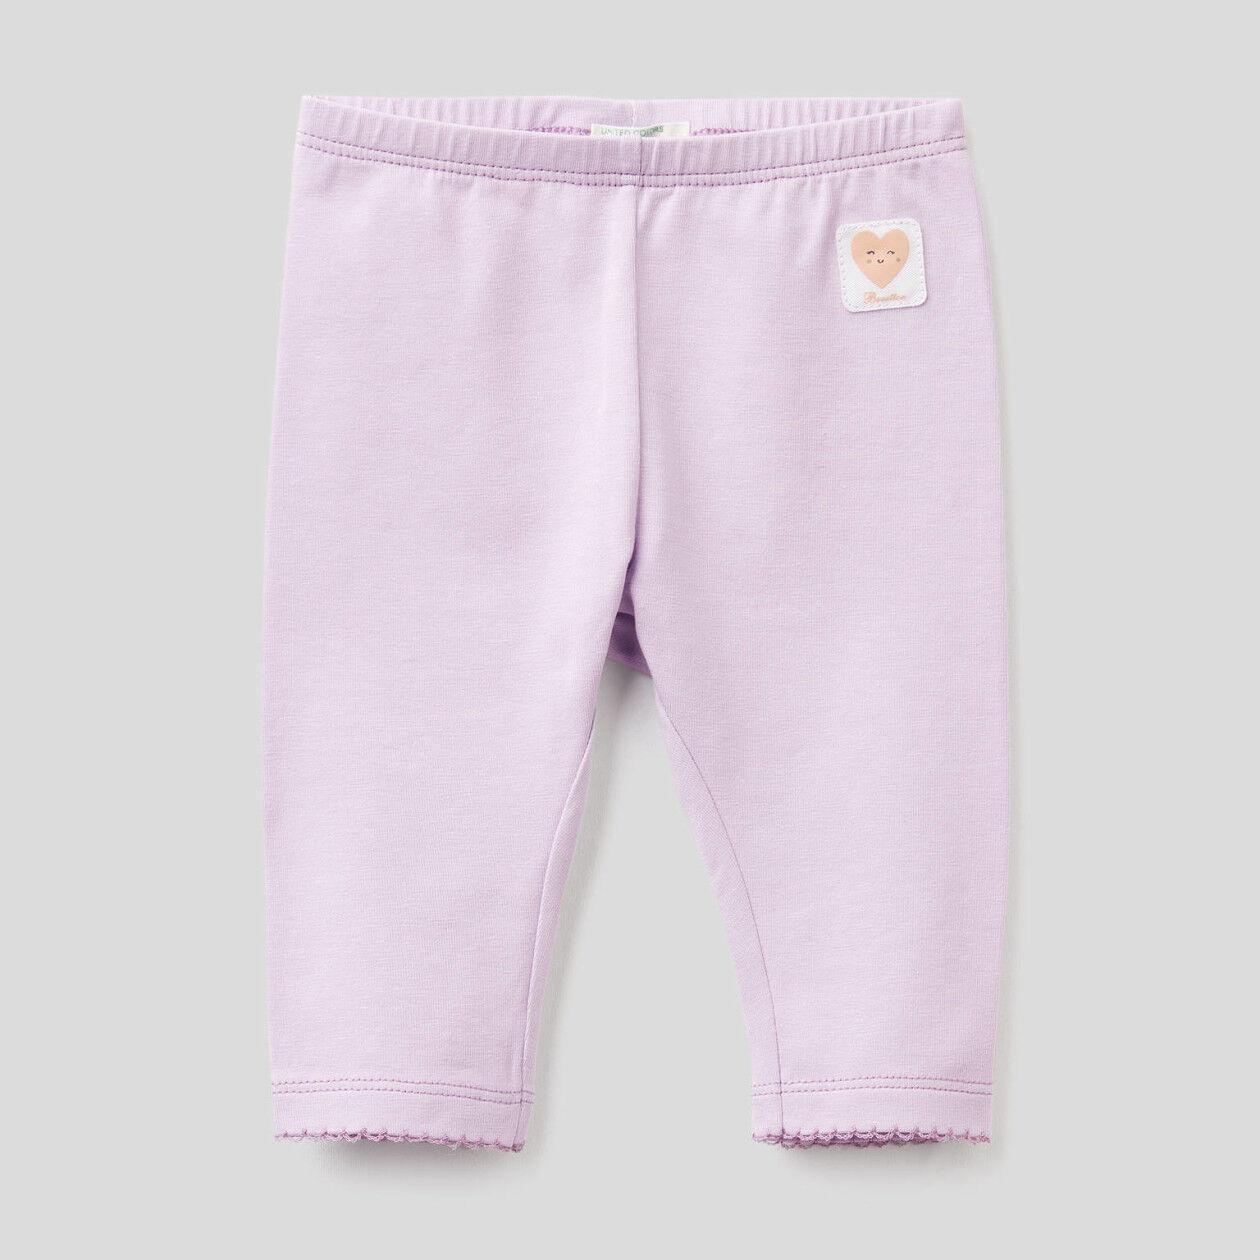 Leggings de algodón elástico